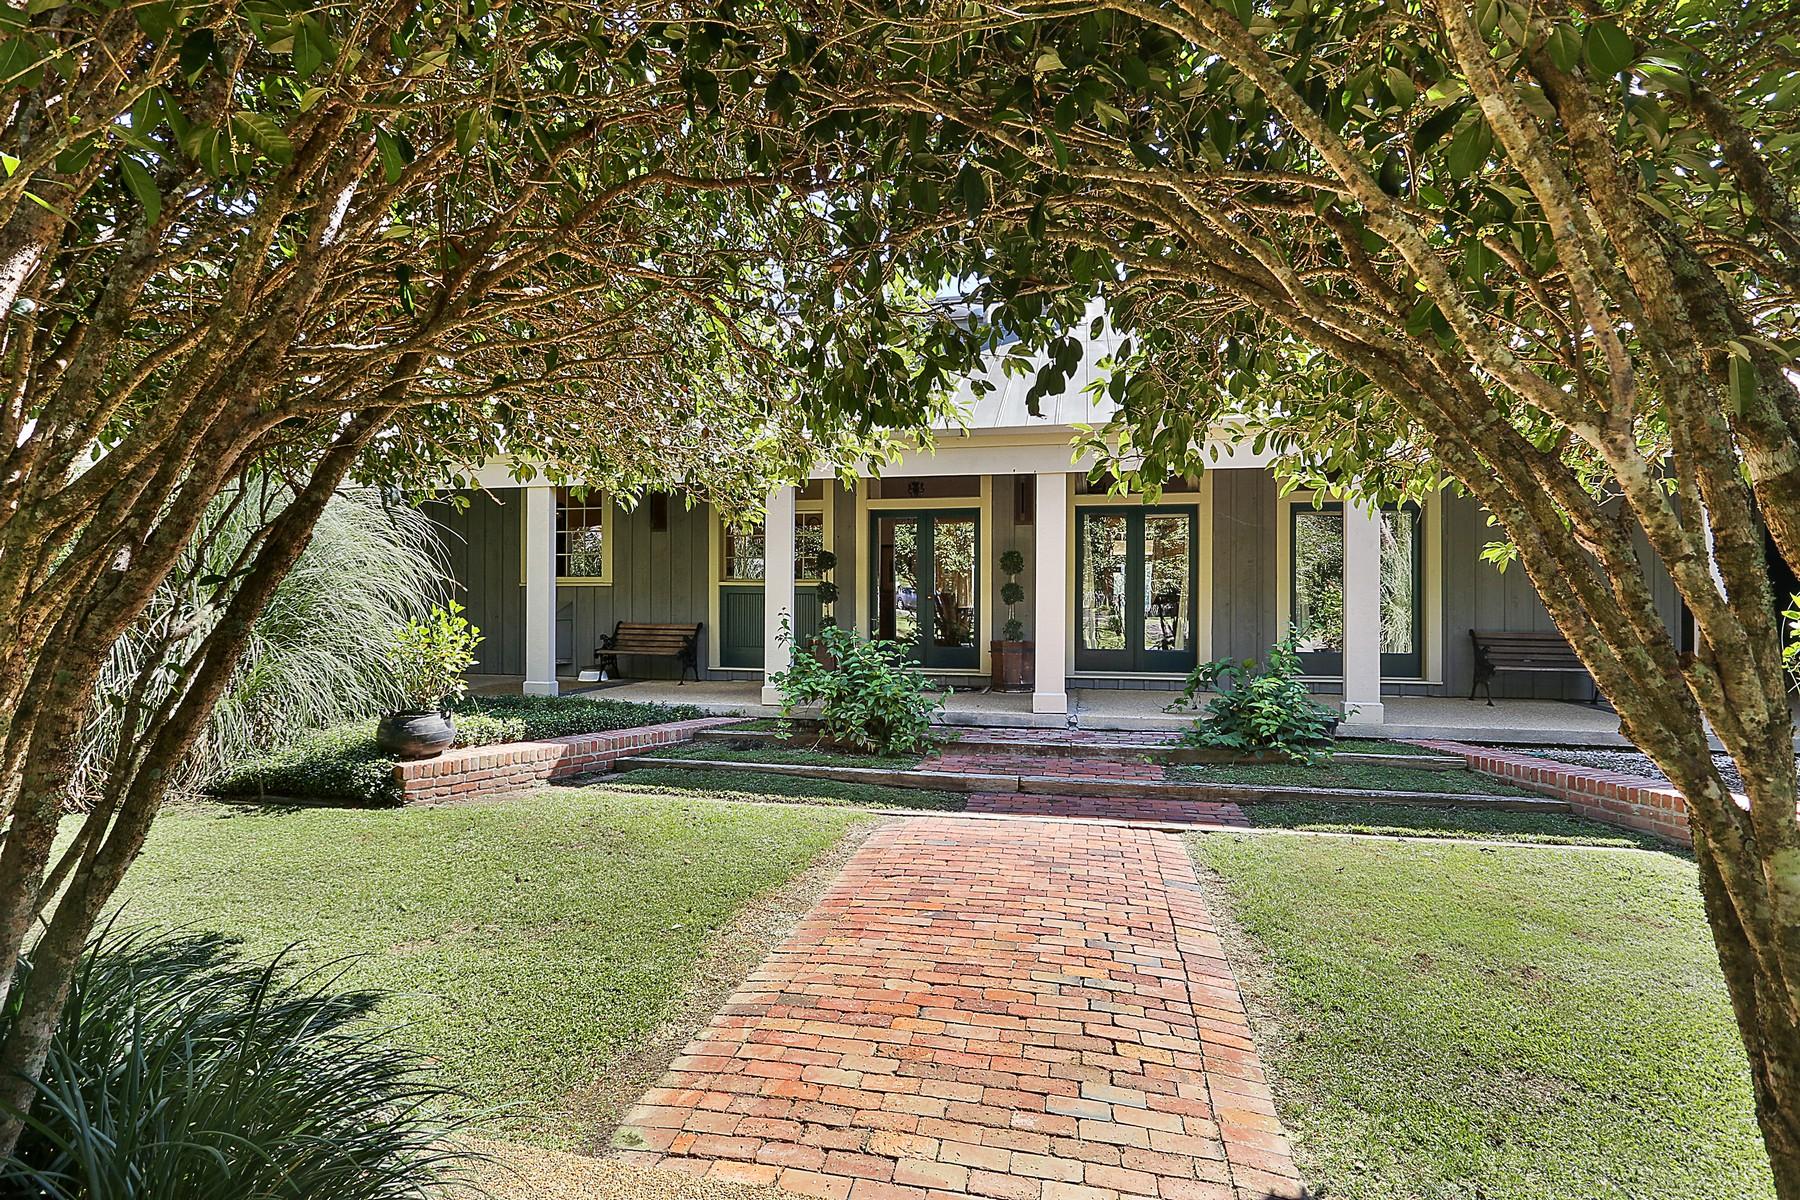 Villa per Vendita alle ore 807 Ogden Rd 80799 Ogden Rd Covington, Louisiana, 70435 Stati Uniti